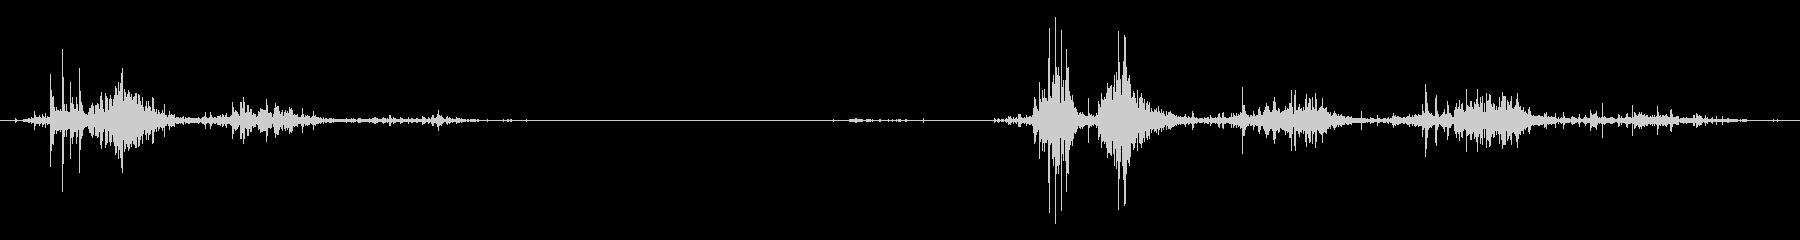 タブレッド菓子出す音・振る音7の未再生の波形